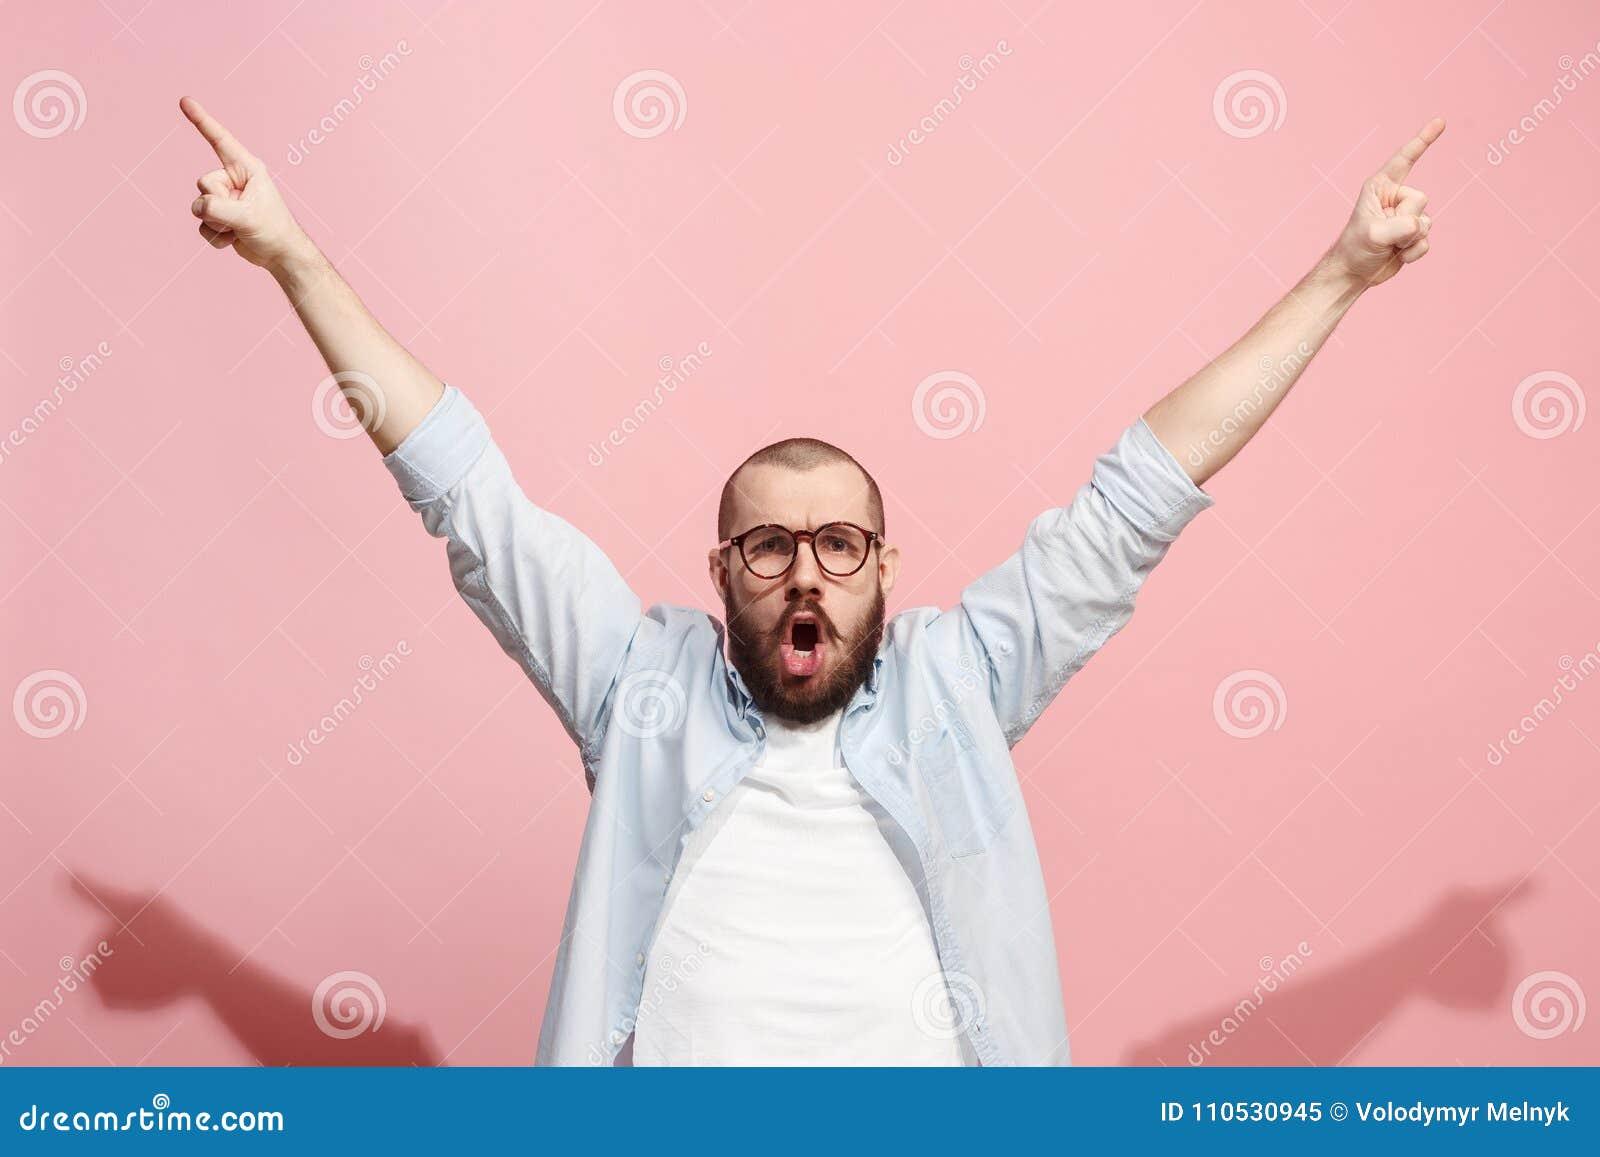 Il successo di conquista equipaggia la celebrazione estatica felice essendo un vincitore Immagine energetica dinamica del modello